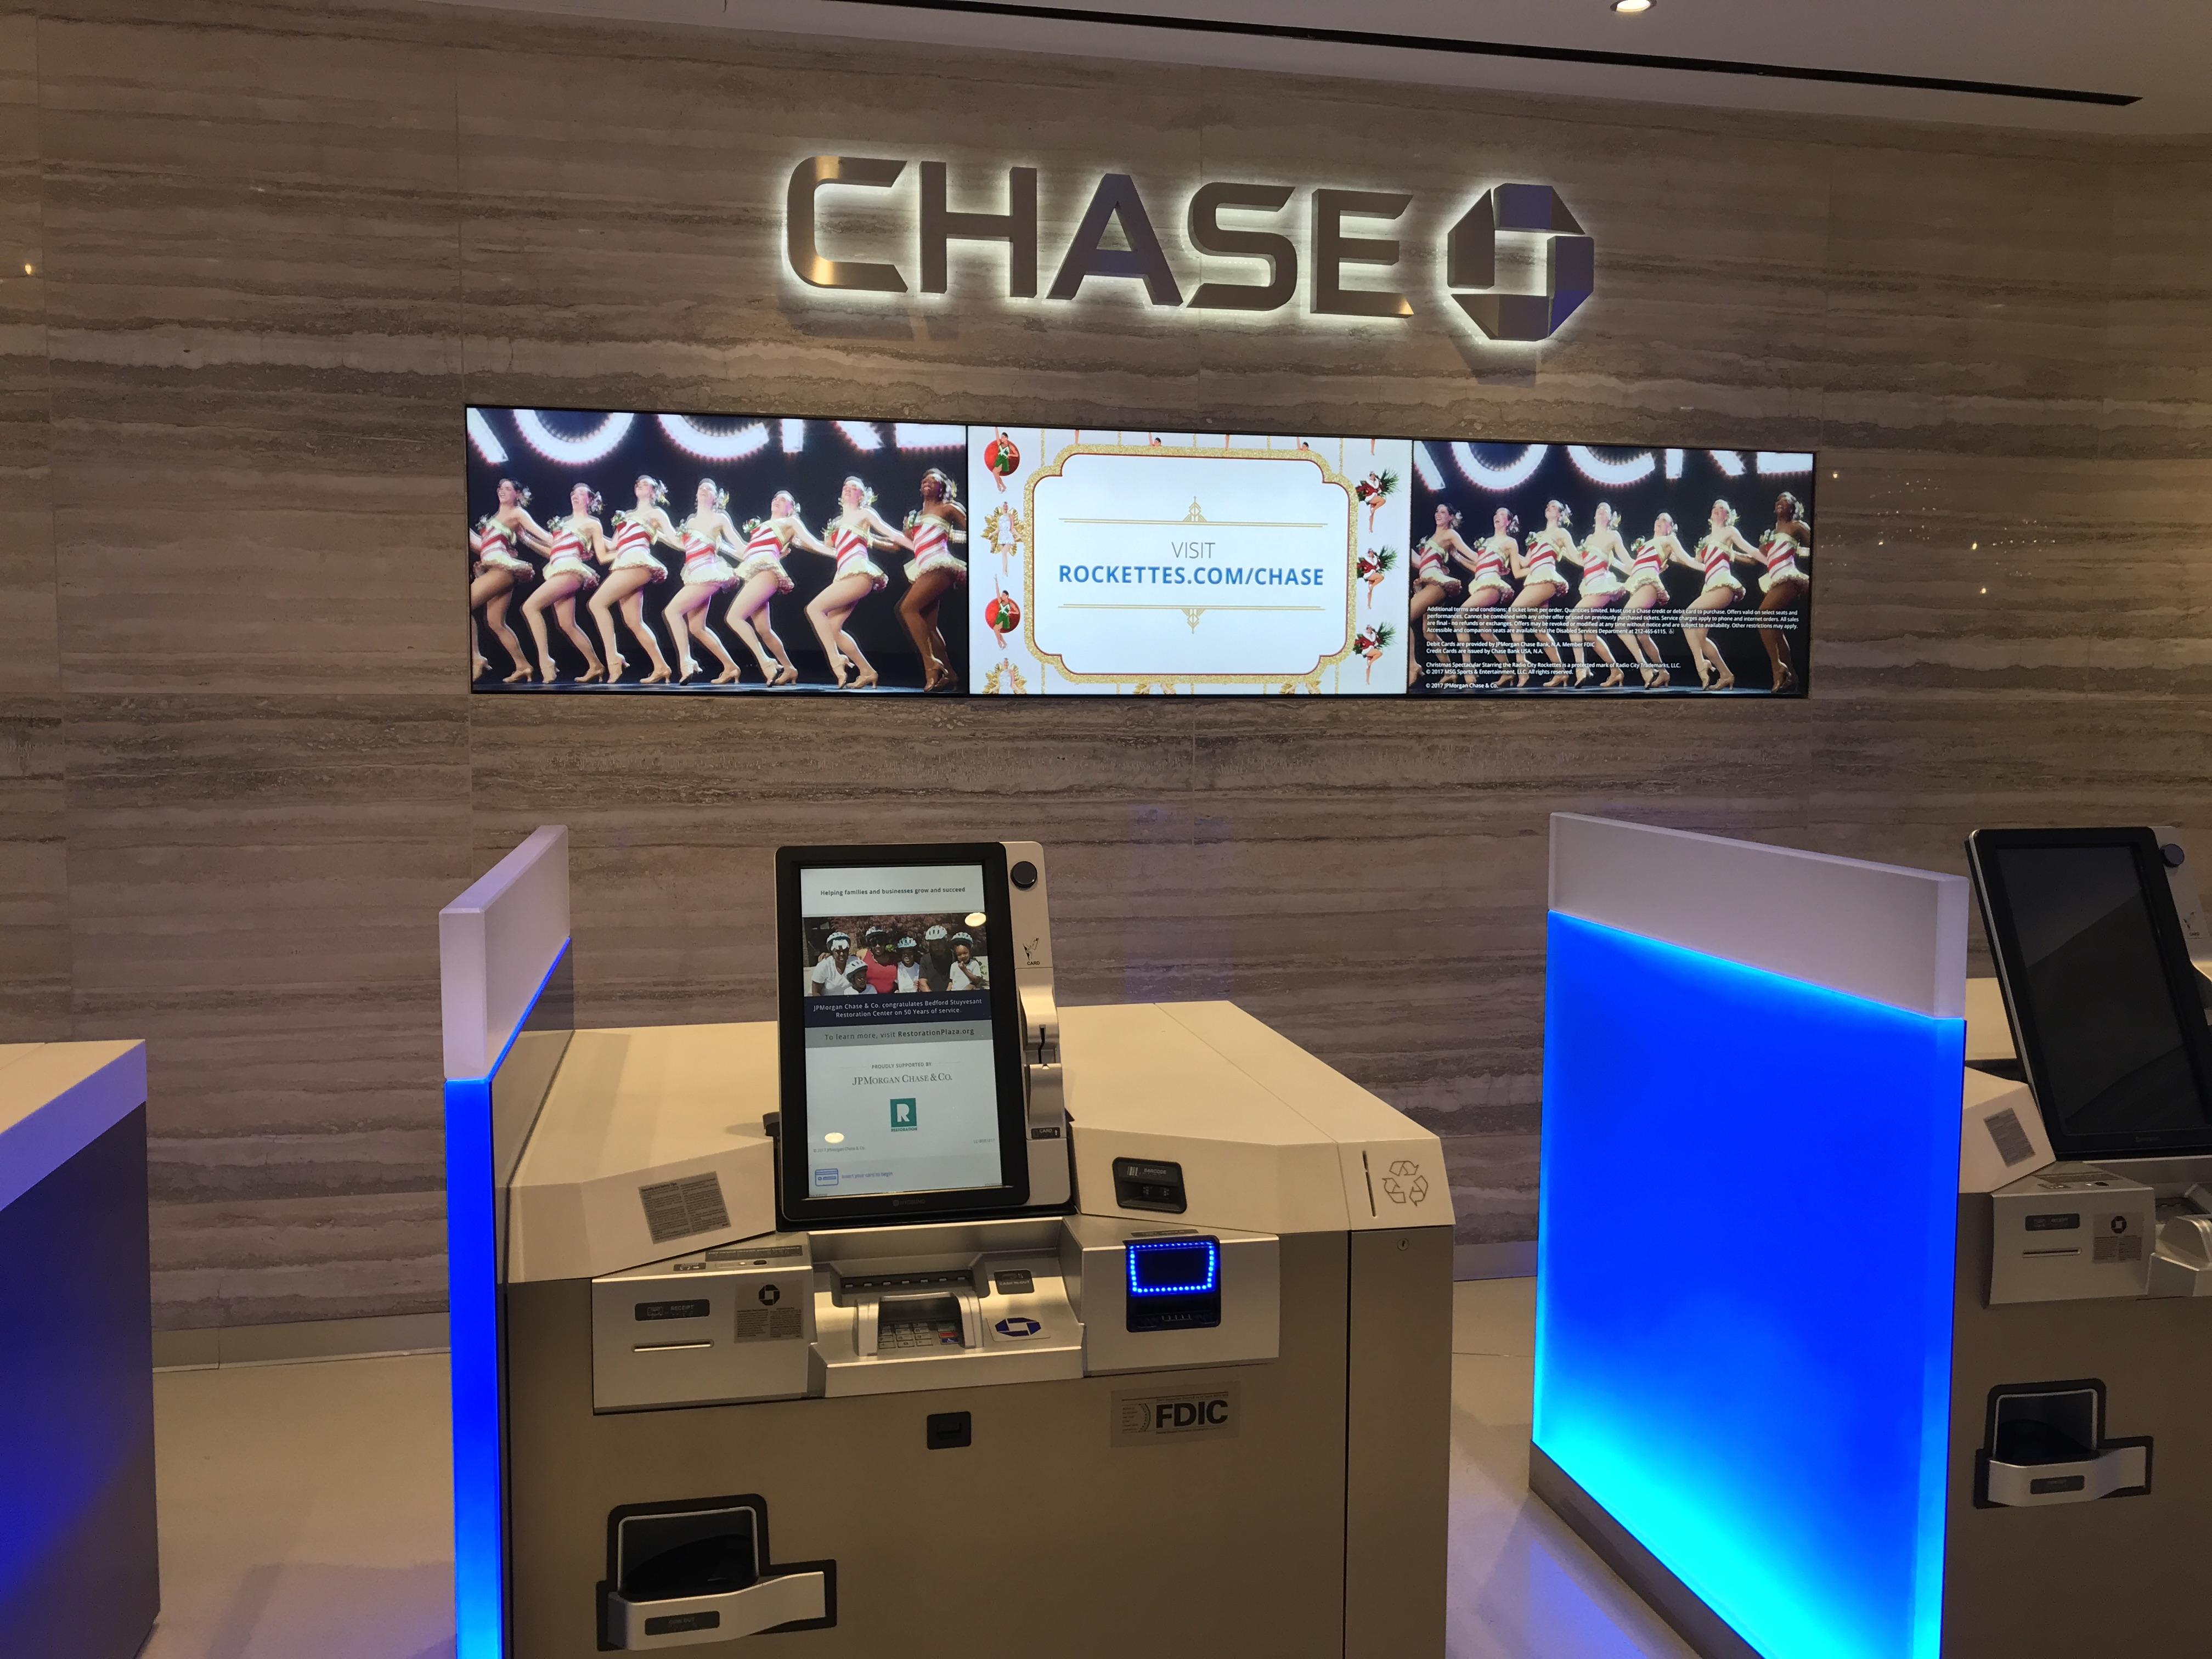 Chase ATMs New York, NY